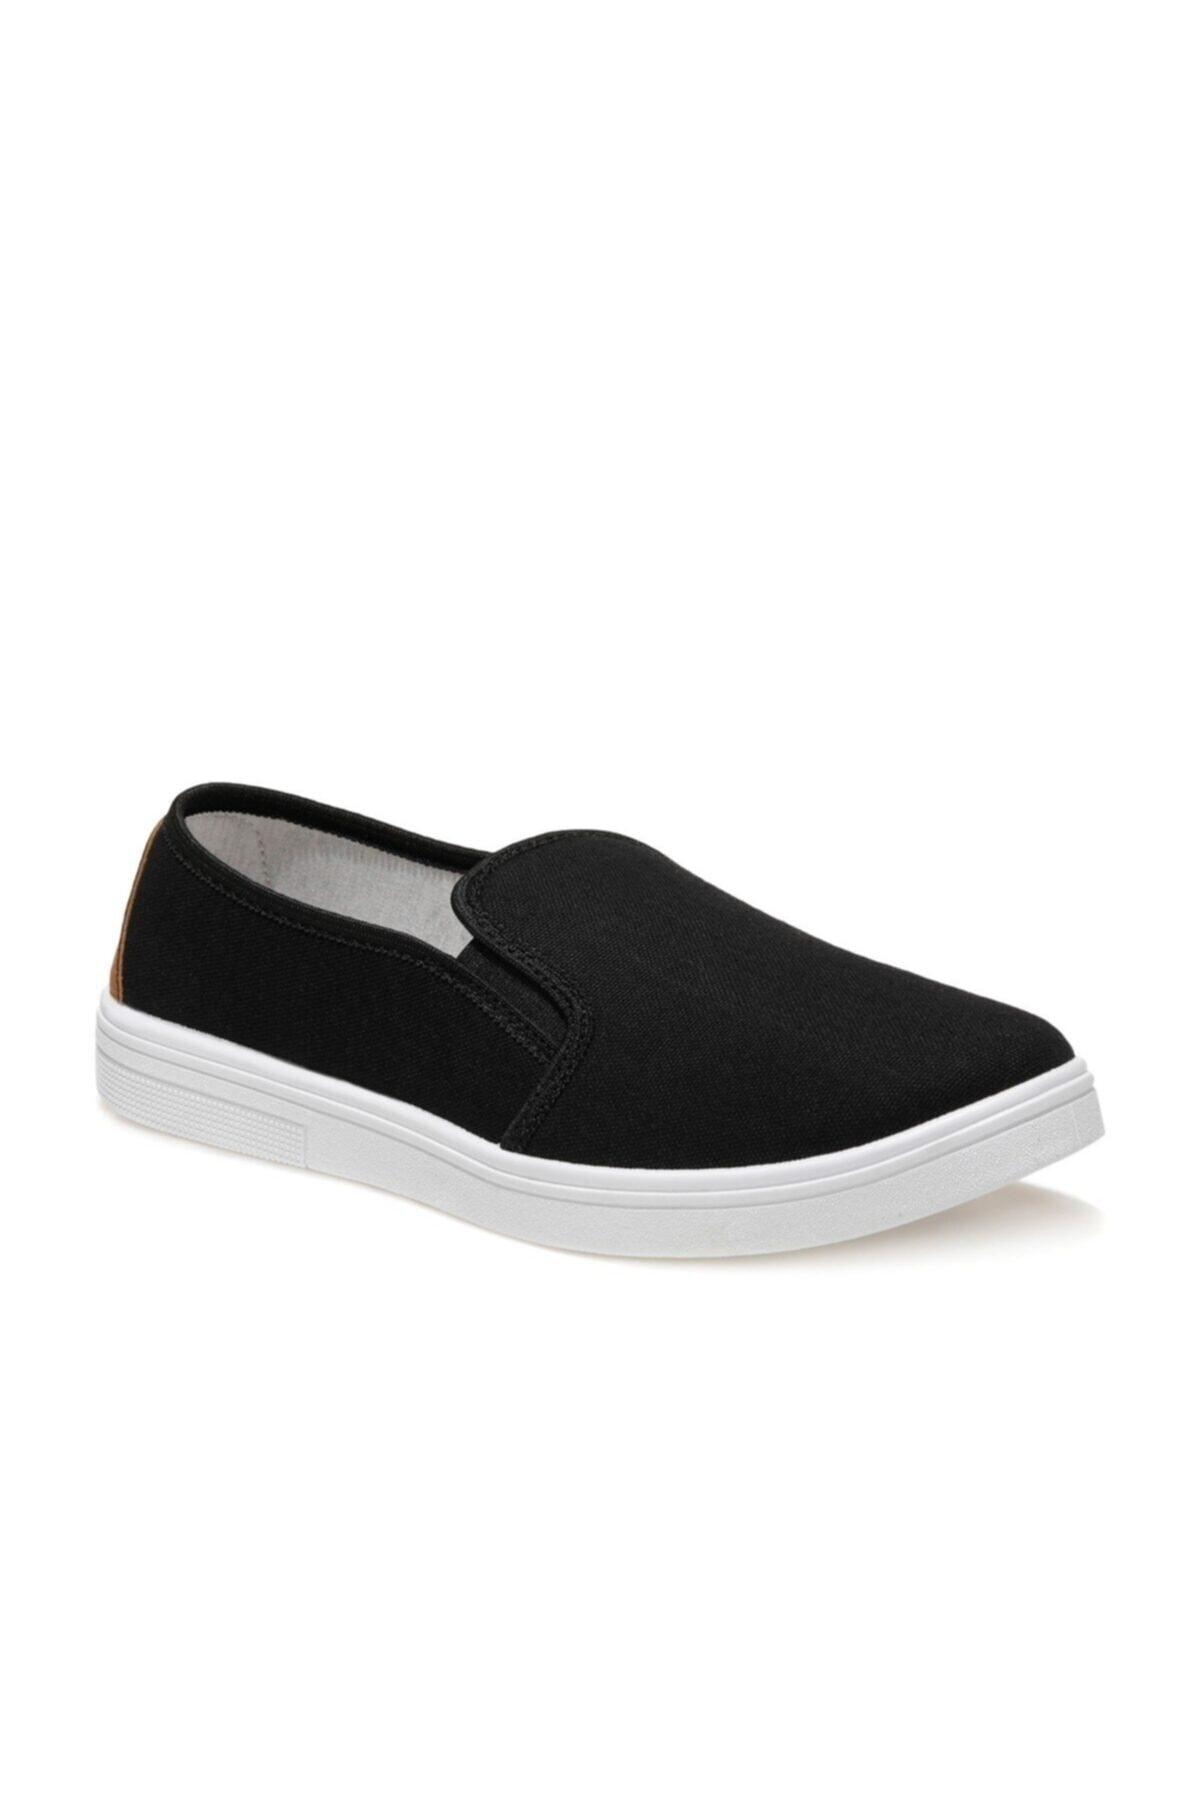 356735.M1FX Siyah Erkek Slip On Ayakkabı 100936276